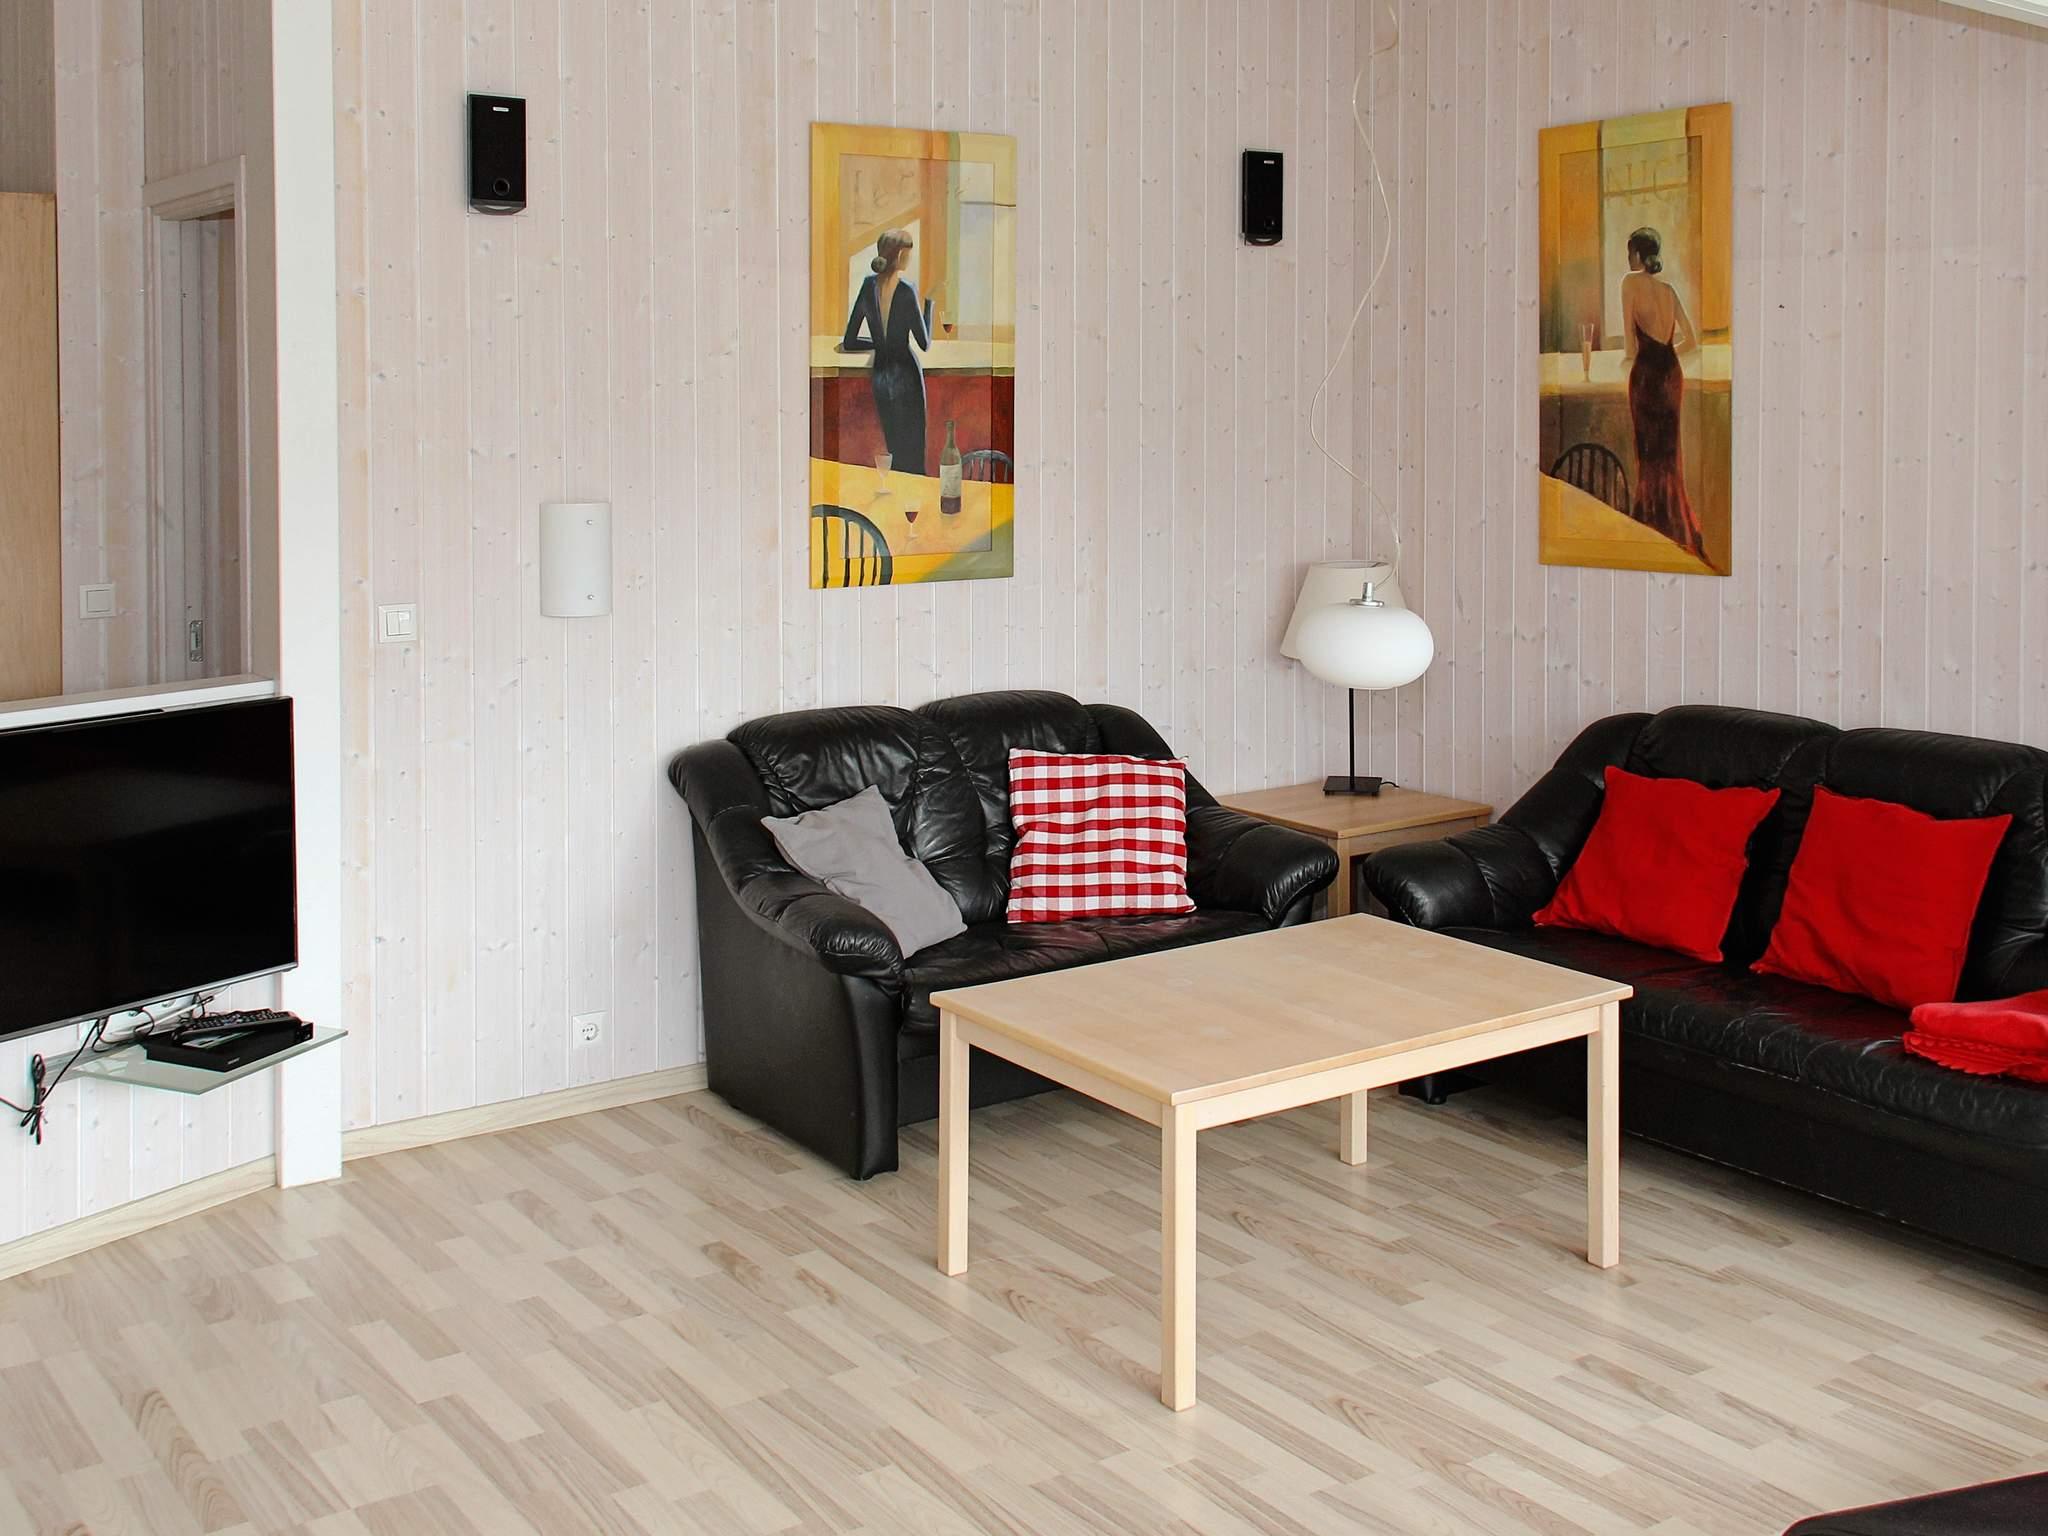 Maison de vacances Grömitz (259537), Grömitz, Baie de Lübeck, Schleswig-Holstein, Allemagne, image 4